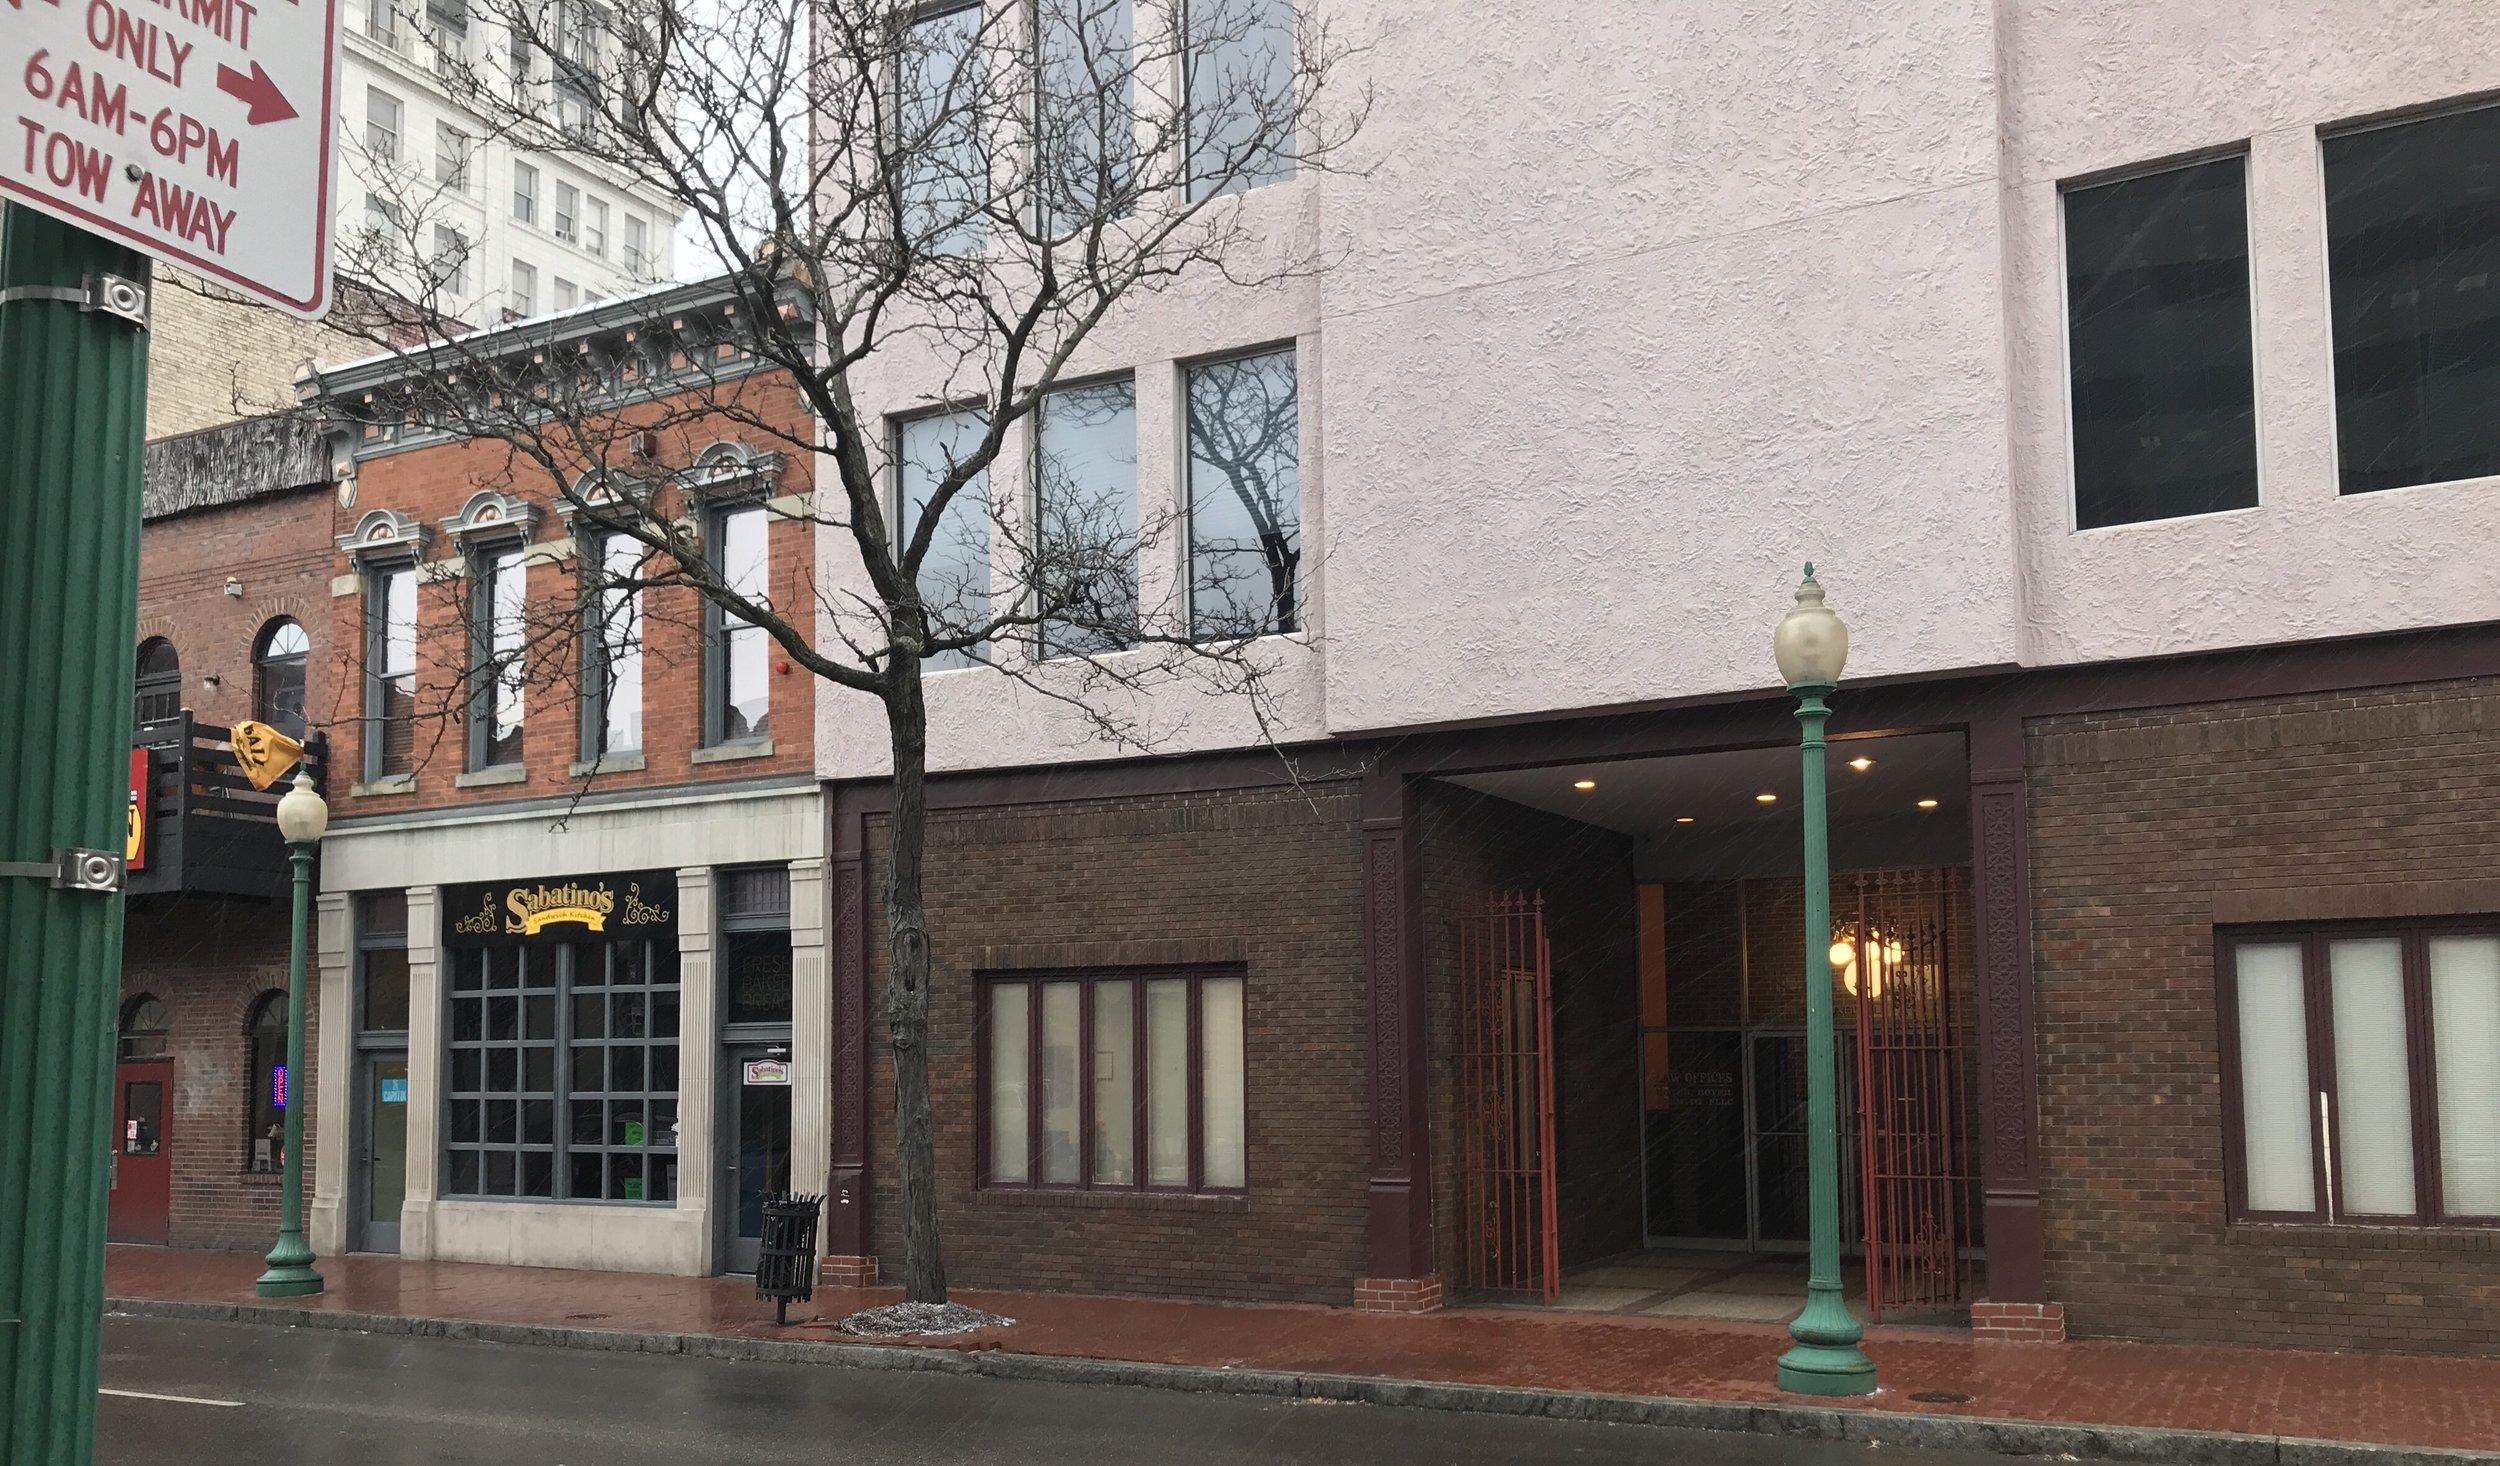 Hoyer, Hoyer, & Smith, 22 Capitol Street, Charleston WV 25301